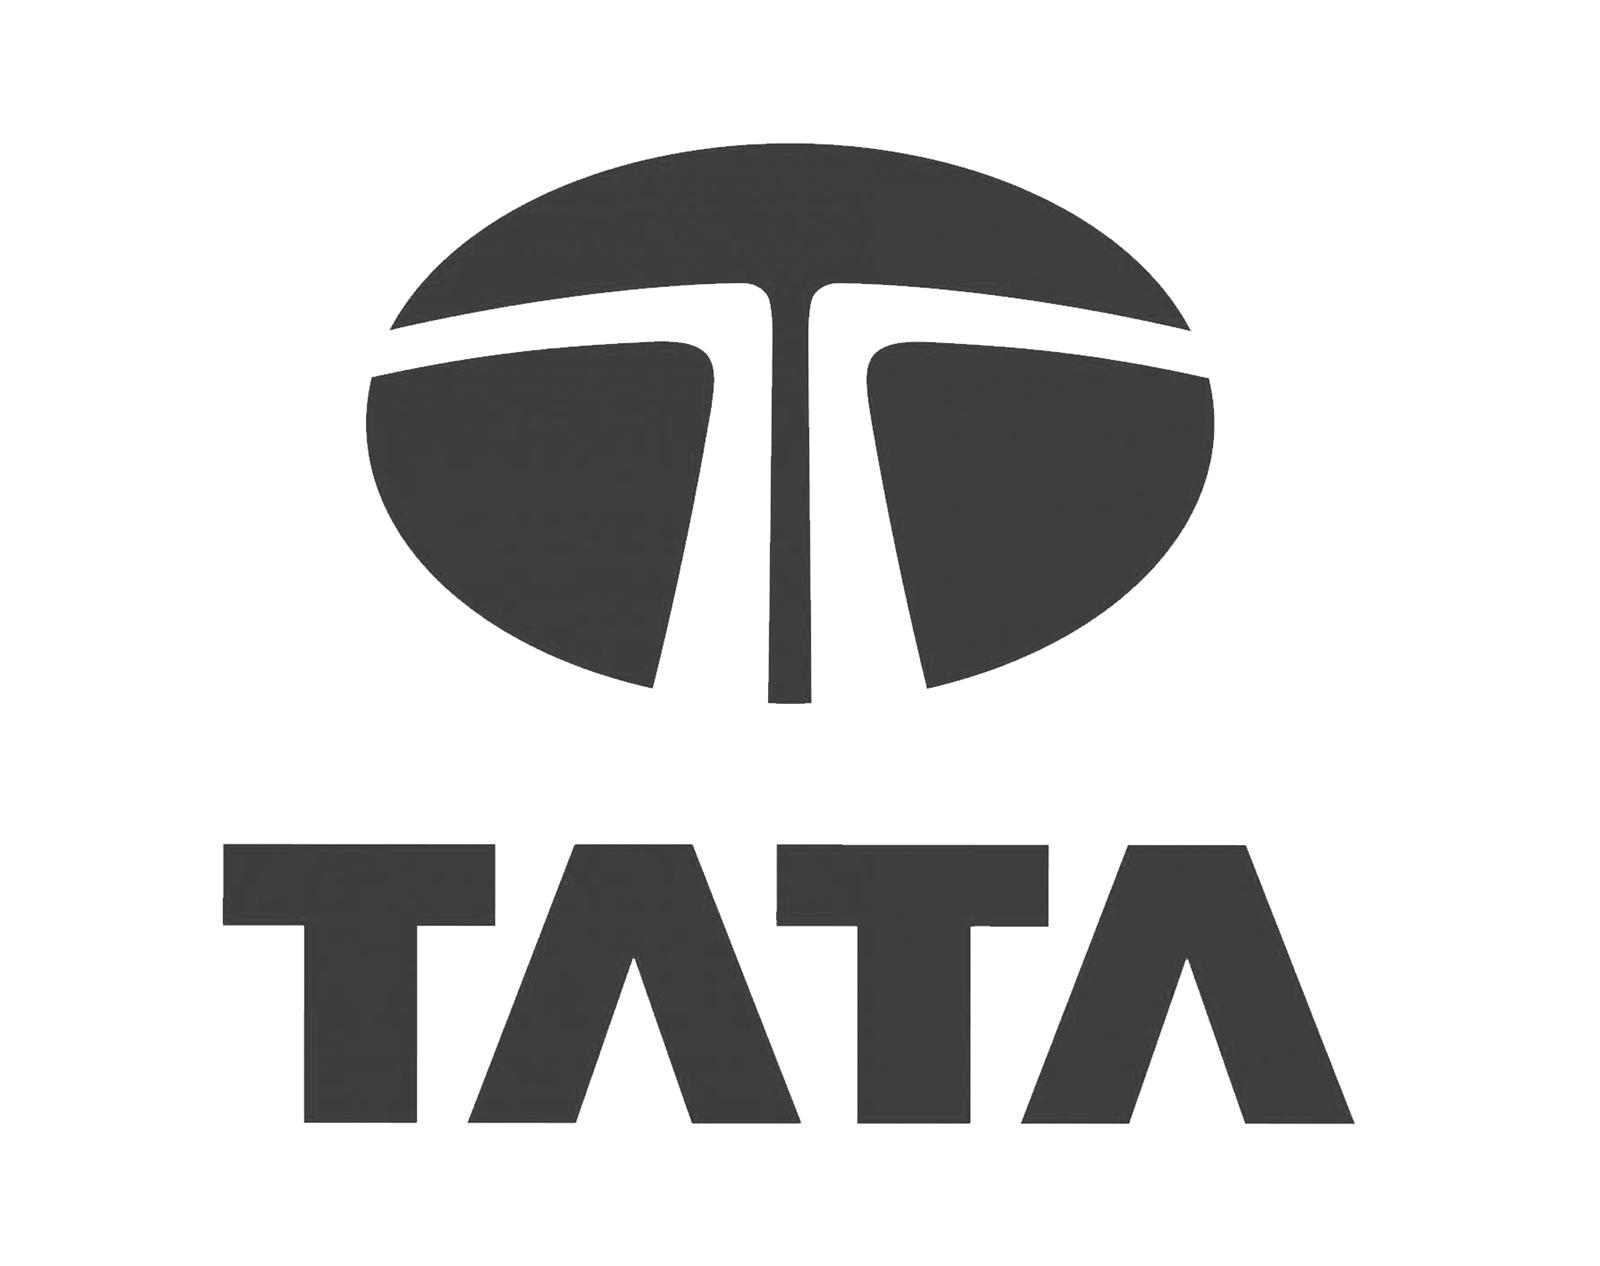 Large Tata Car Logo - Zero To 60 Times